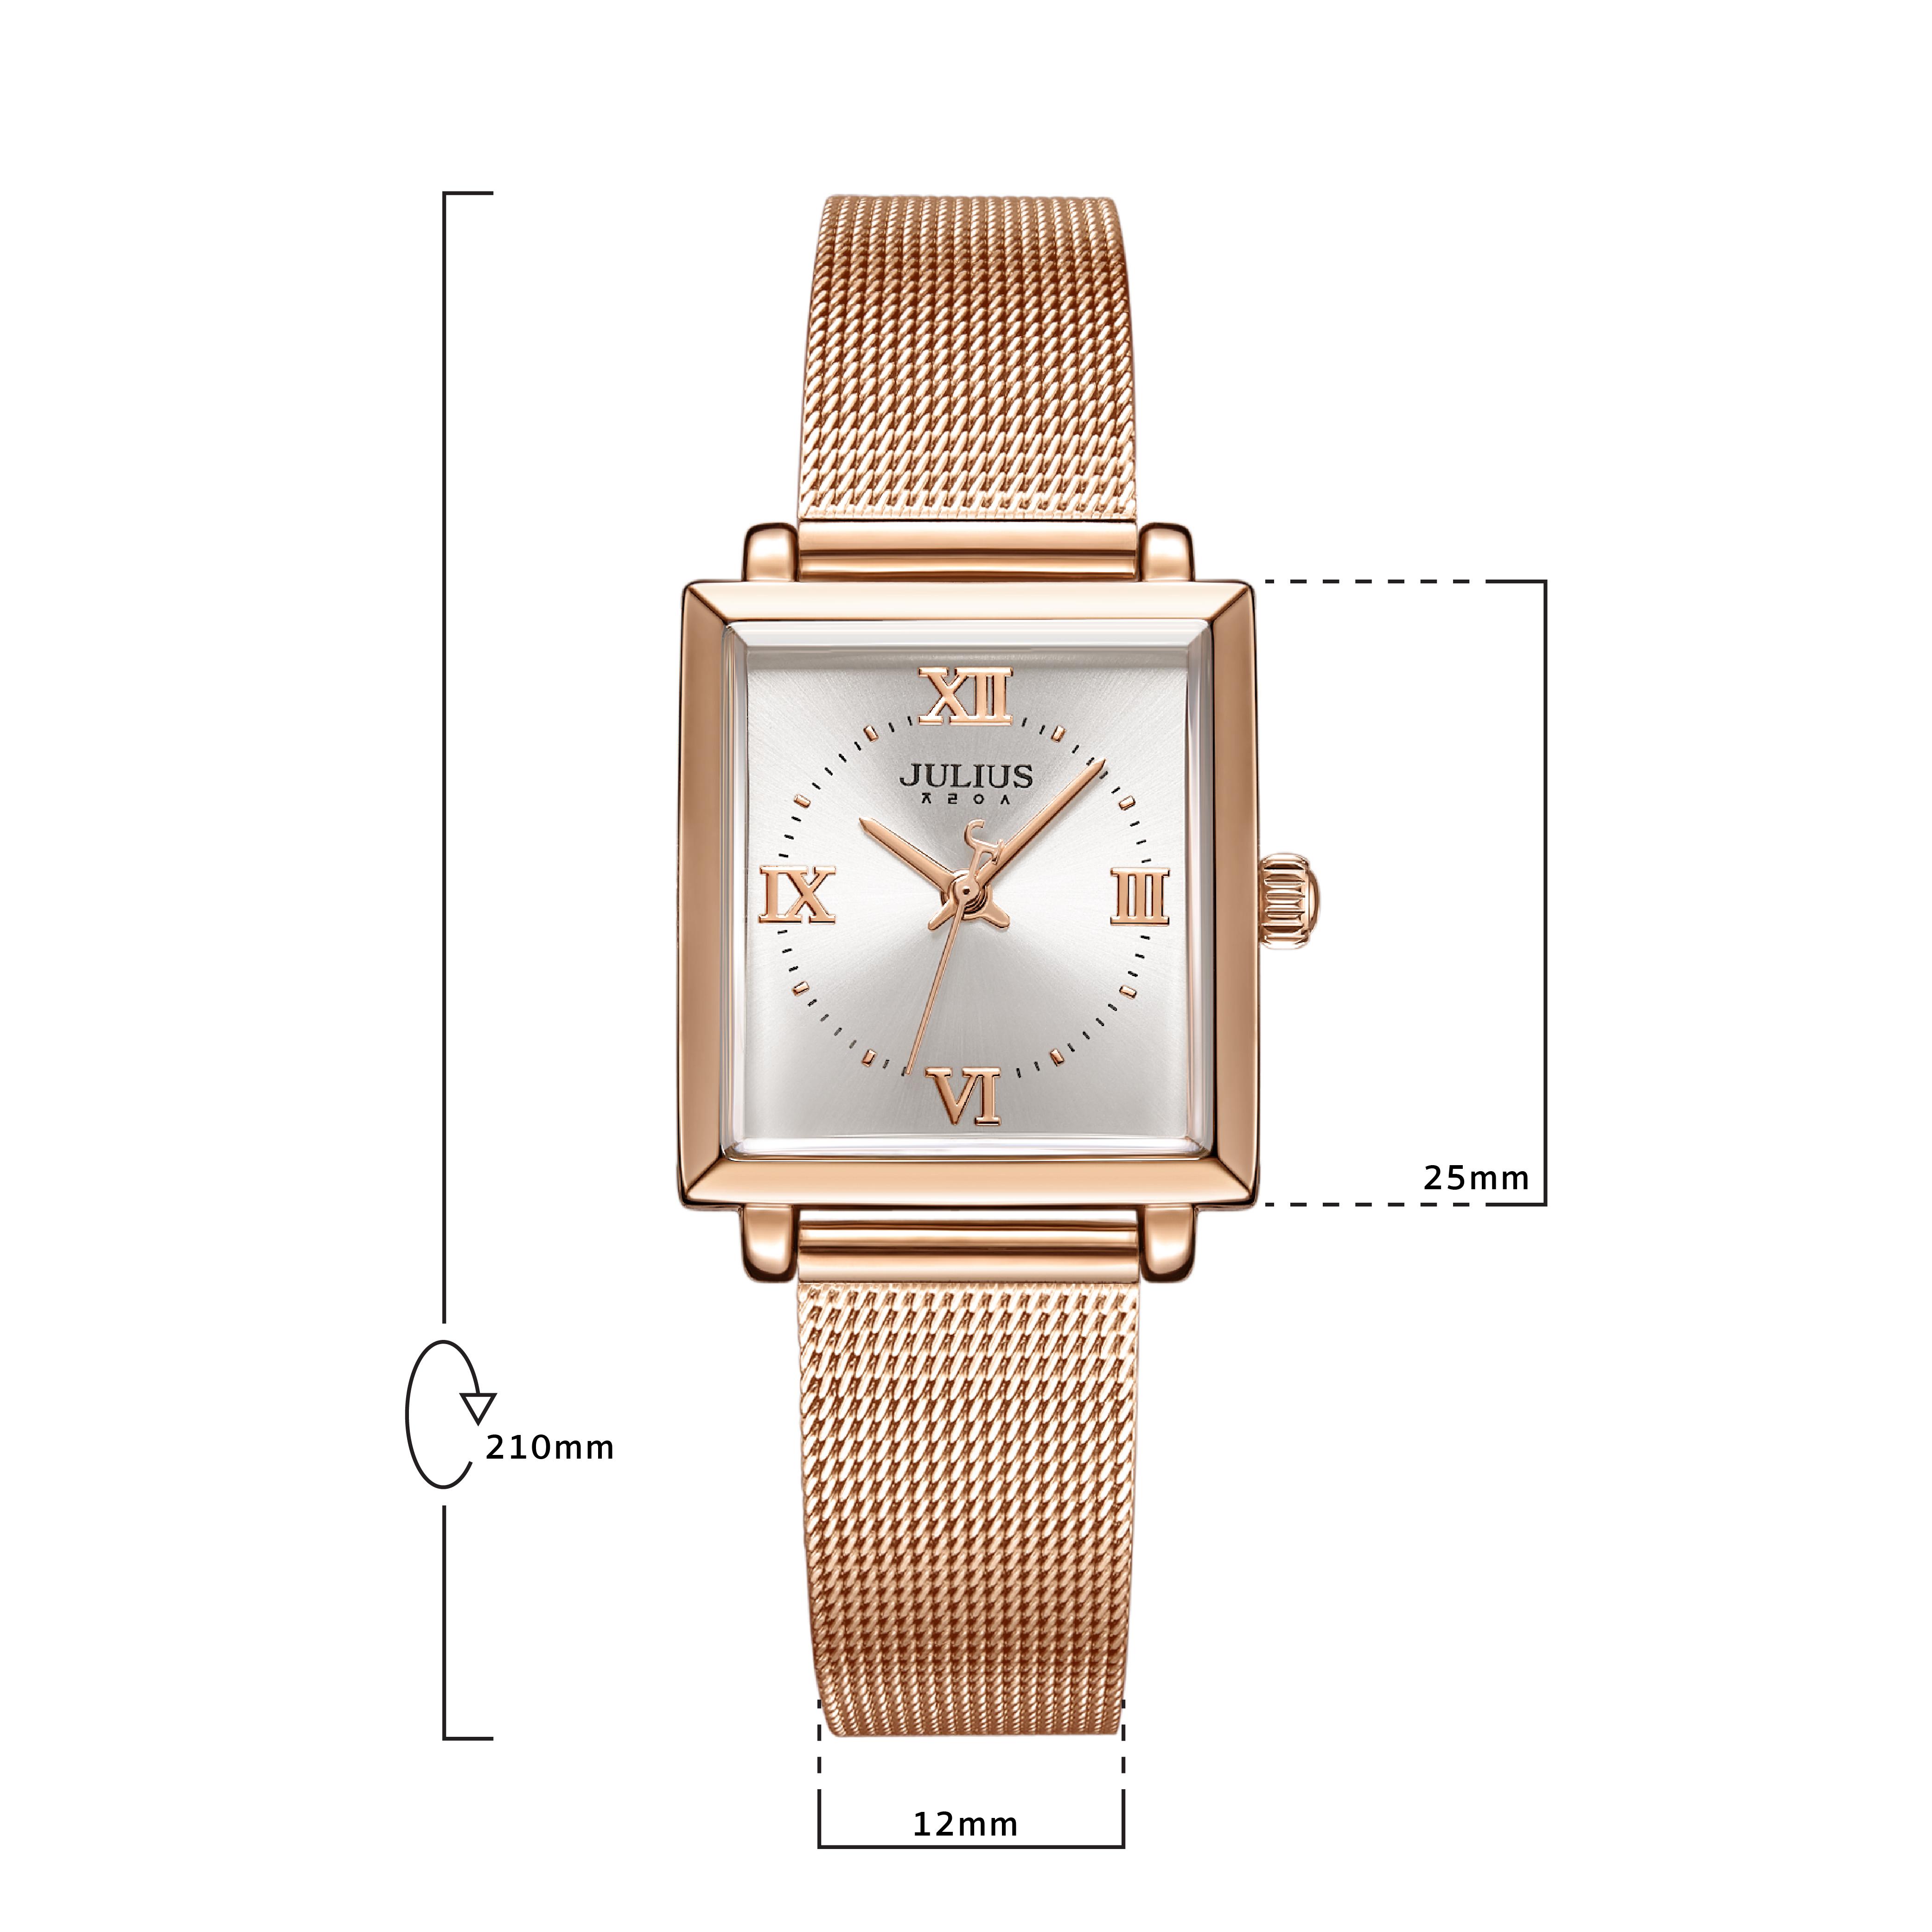 นาฬิกาข้อมือผู้หญิง JULIUS JA-1202 B